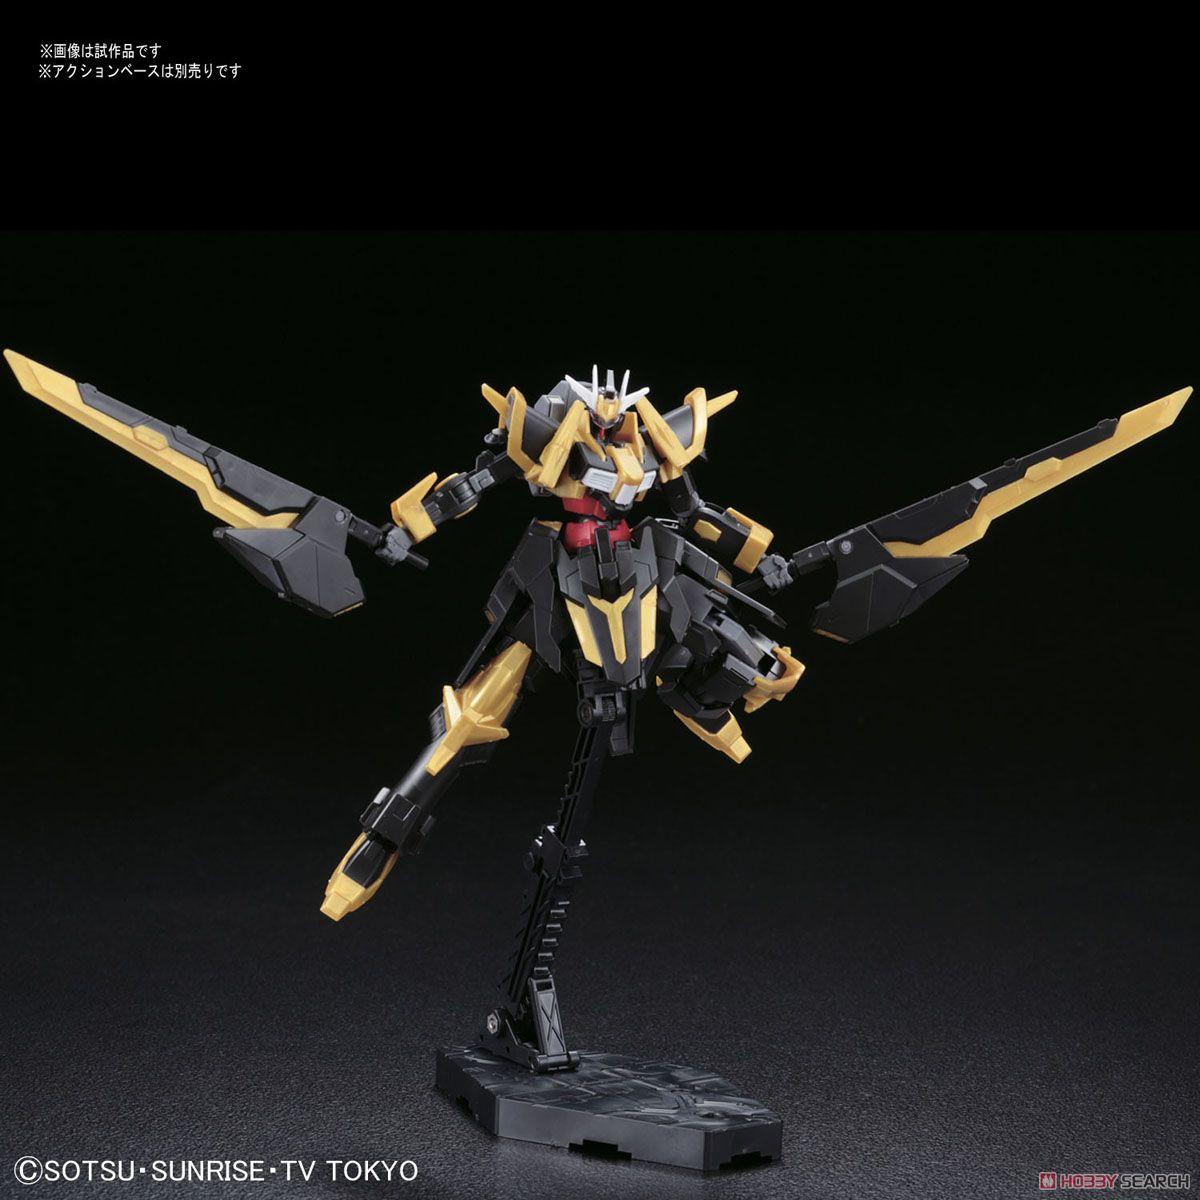 [Close] Gundam Schwarzs Ritter (HGBF) (Gundam Model Kits) Item picture3